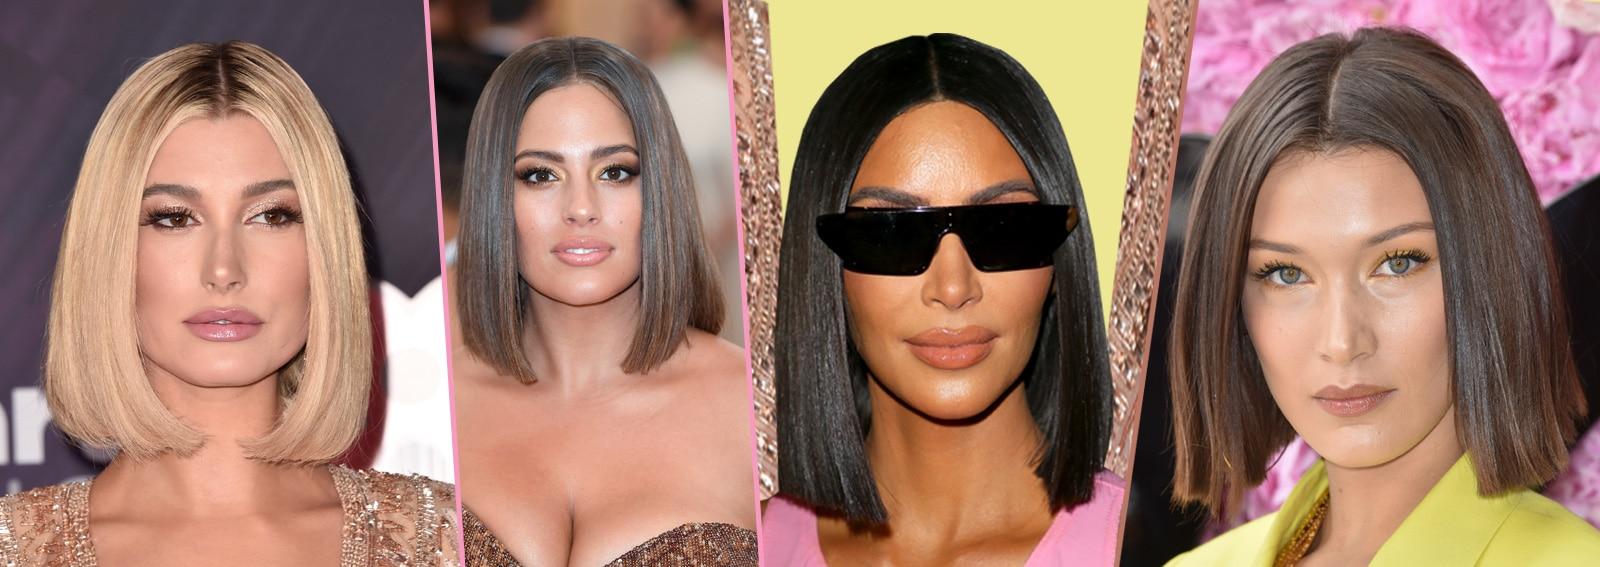 Glass hair: la tendenza dei capelli super lucidi a caschetto che ha conquistato le celebrity